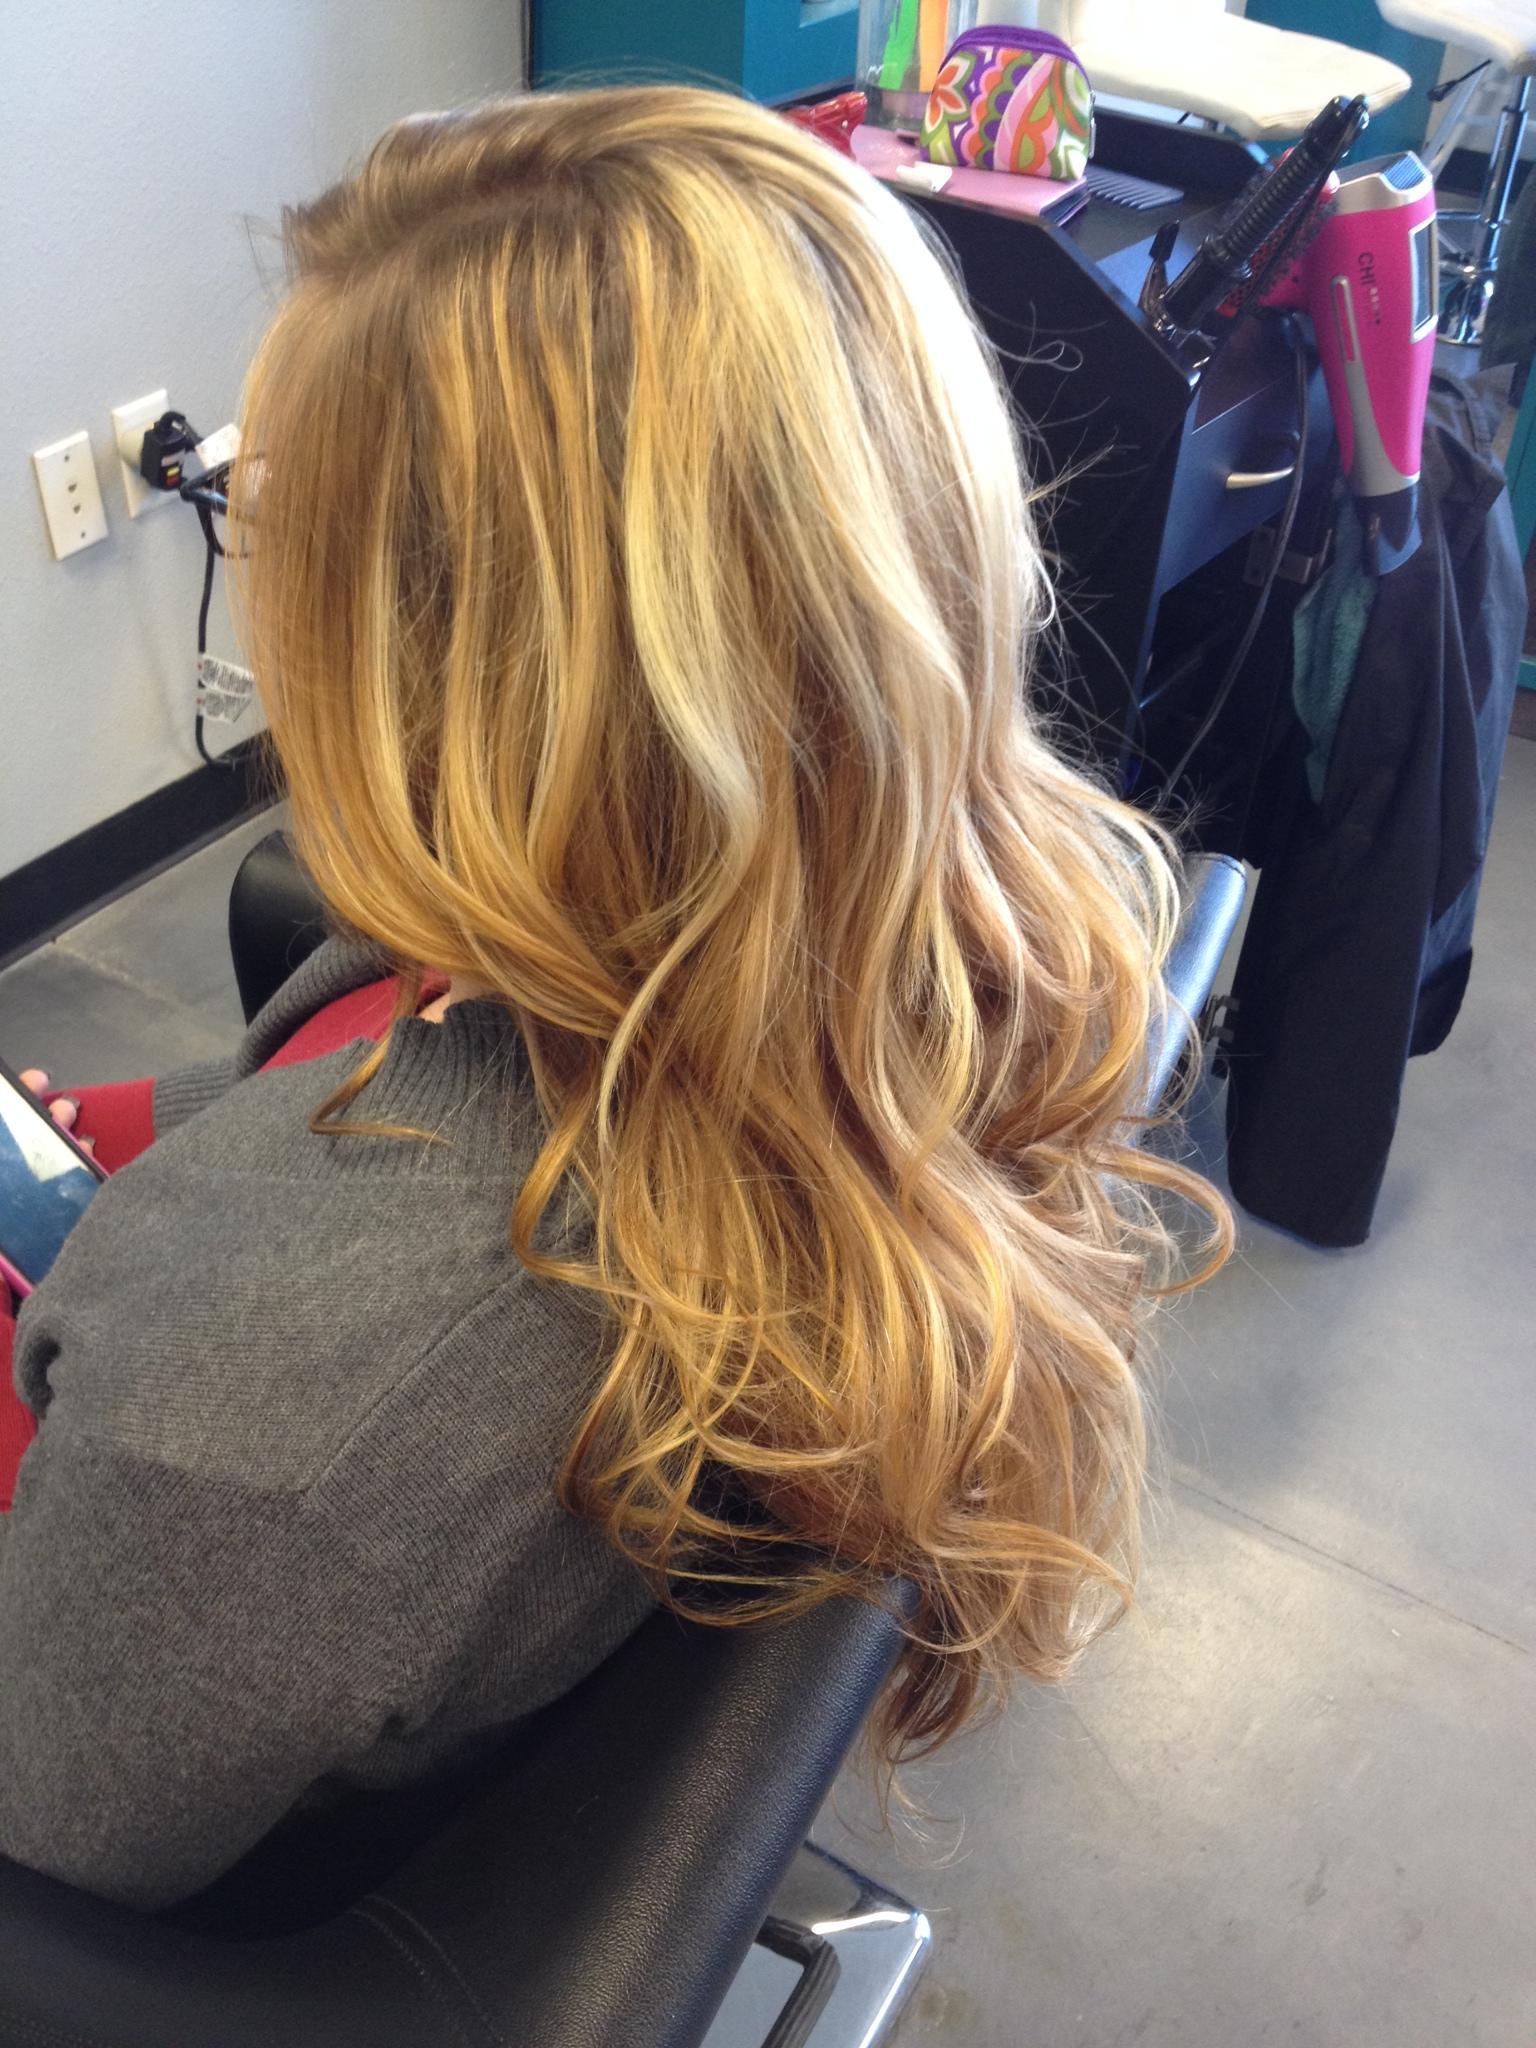 Messy hair styles albuquerque hair salon talk - Albuquerque hair salon ...